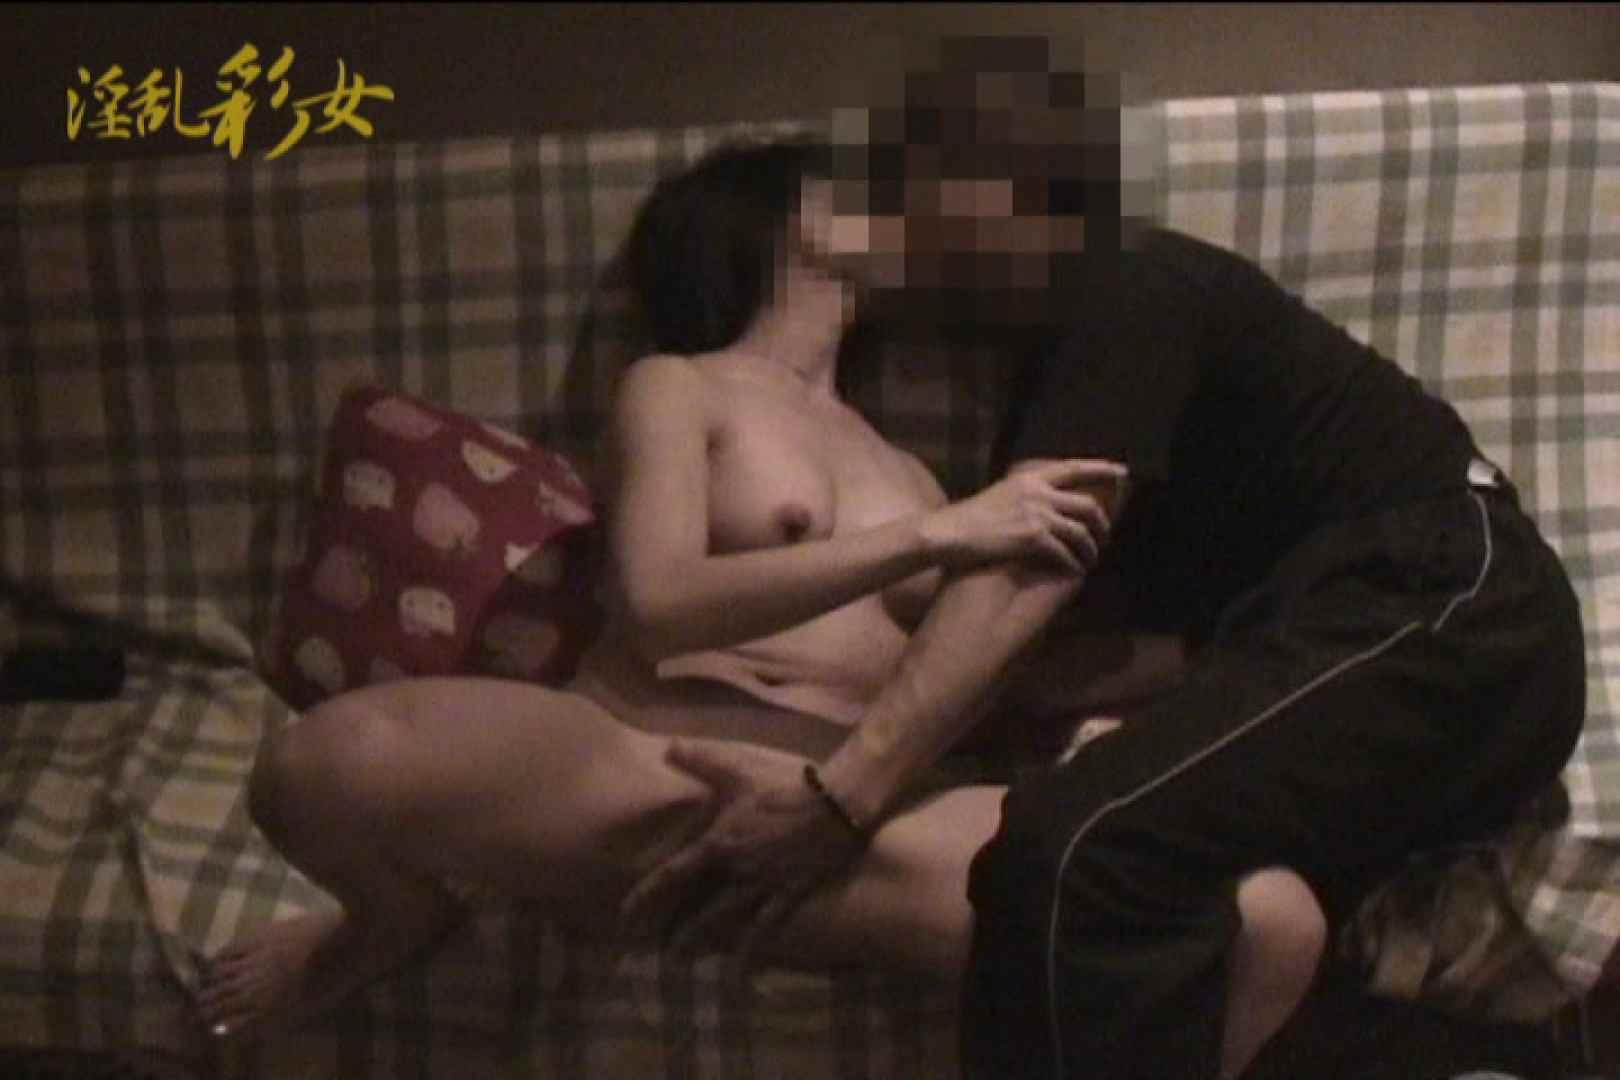 淫乱彩女 麻優里 旦那の前で王様ゲーム 淫乱 | ホテル隠し撮り  85pic 9